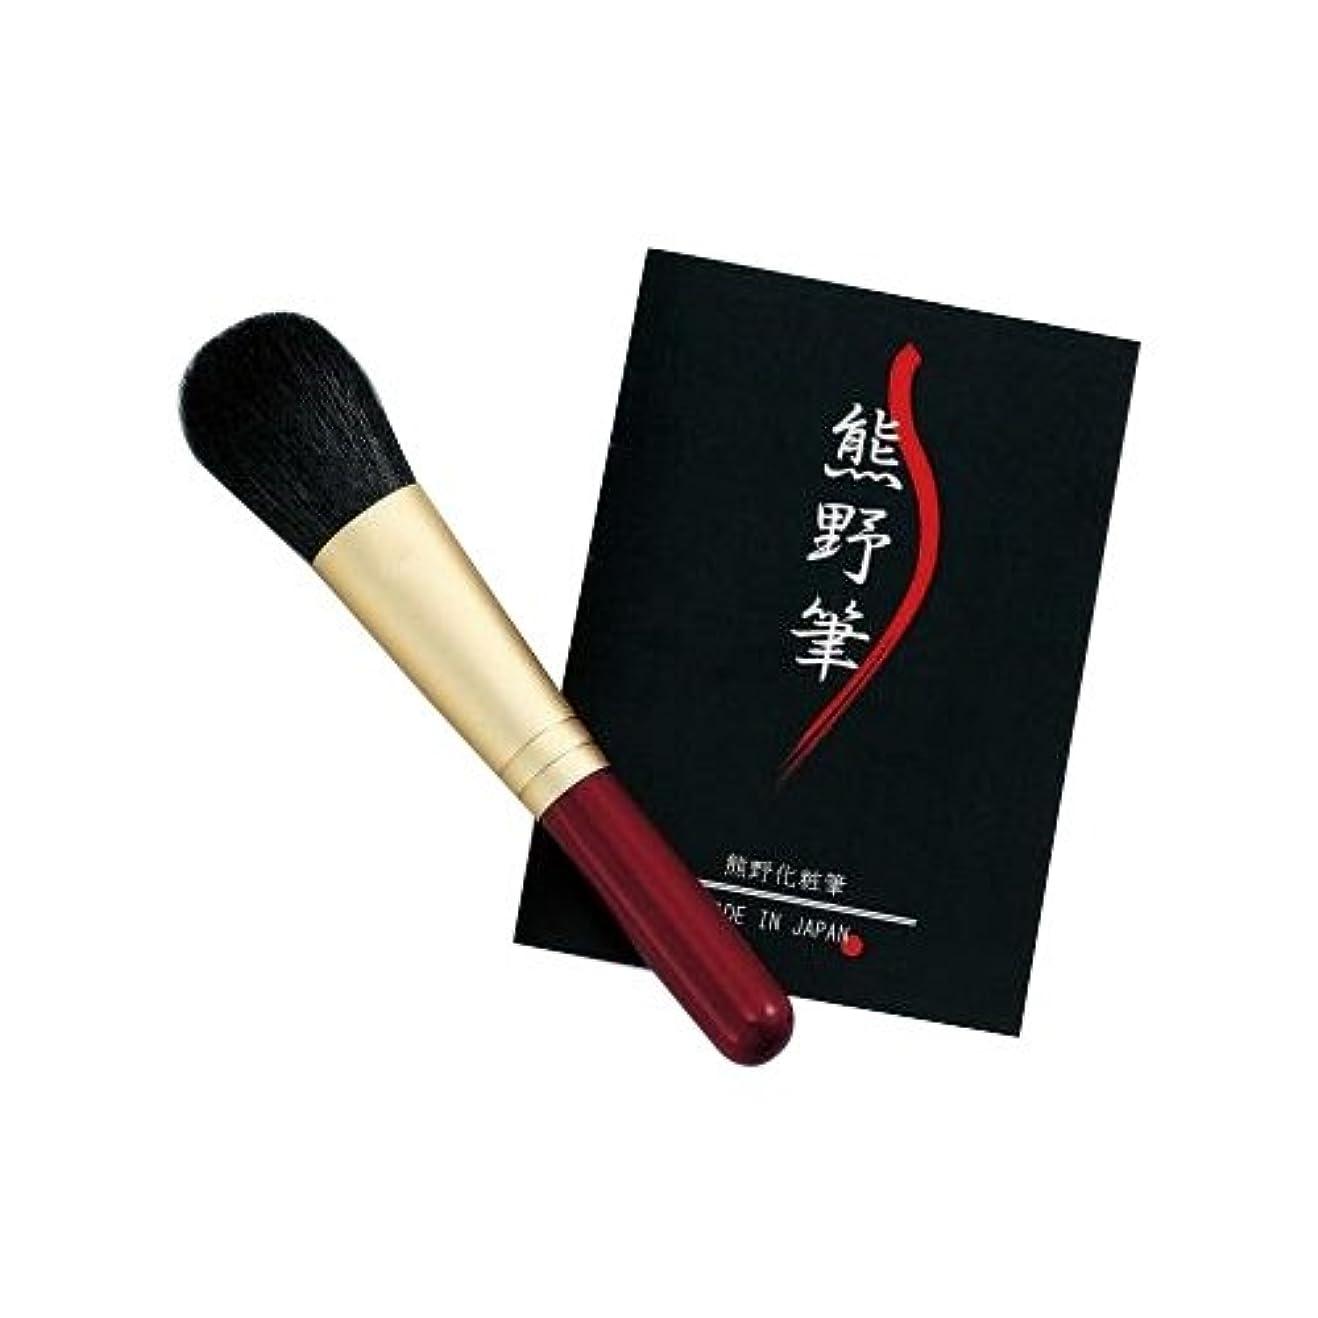 プットパン屋チューリップゼニス 熊野化粧筆 筆の心 チークブラシ(ショート)